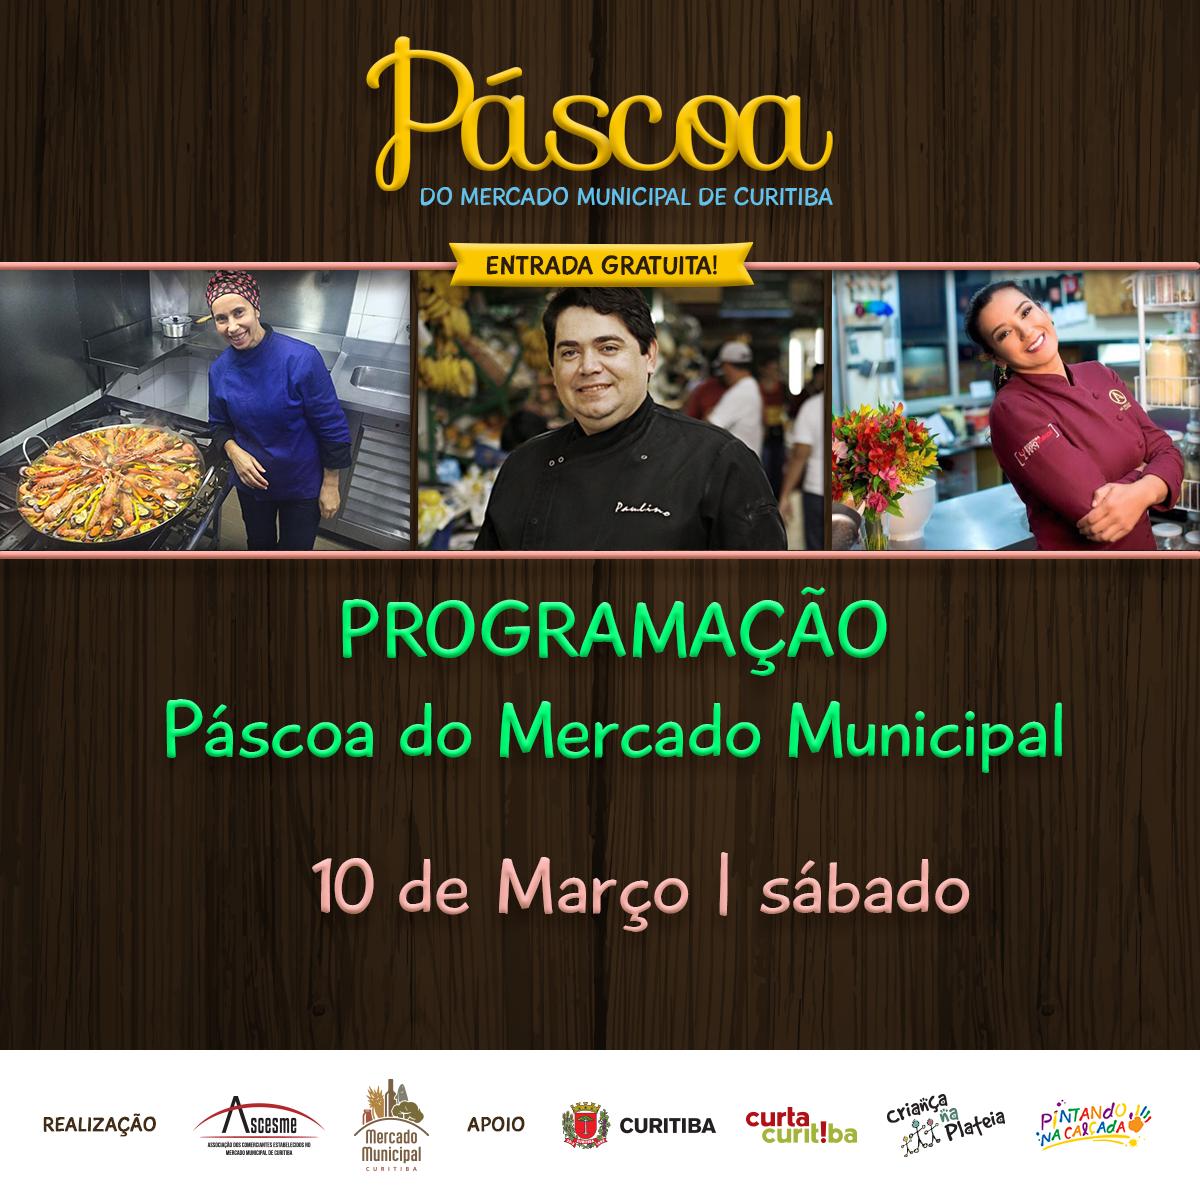 Confira programação deste sábado da Páscoa no Mercado Municipal de Curitiba Páscoa 2018 do Mercado Municipal - Oficinas para adultos e crianças